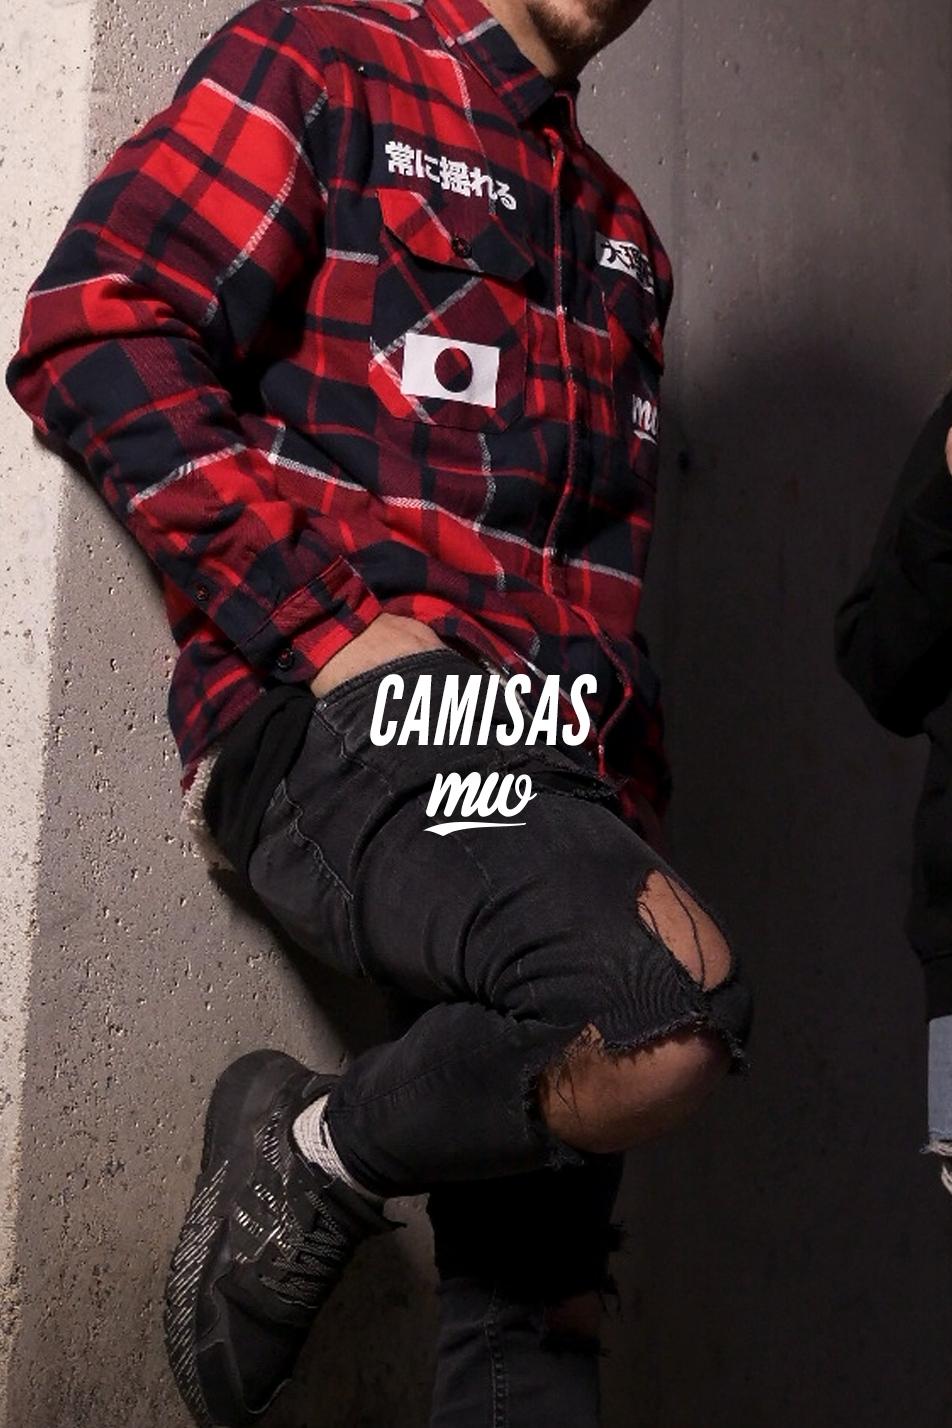 *CAMISAS